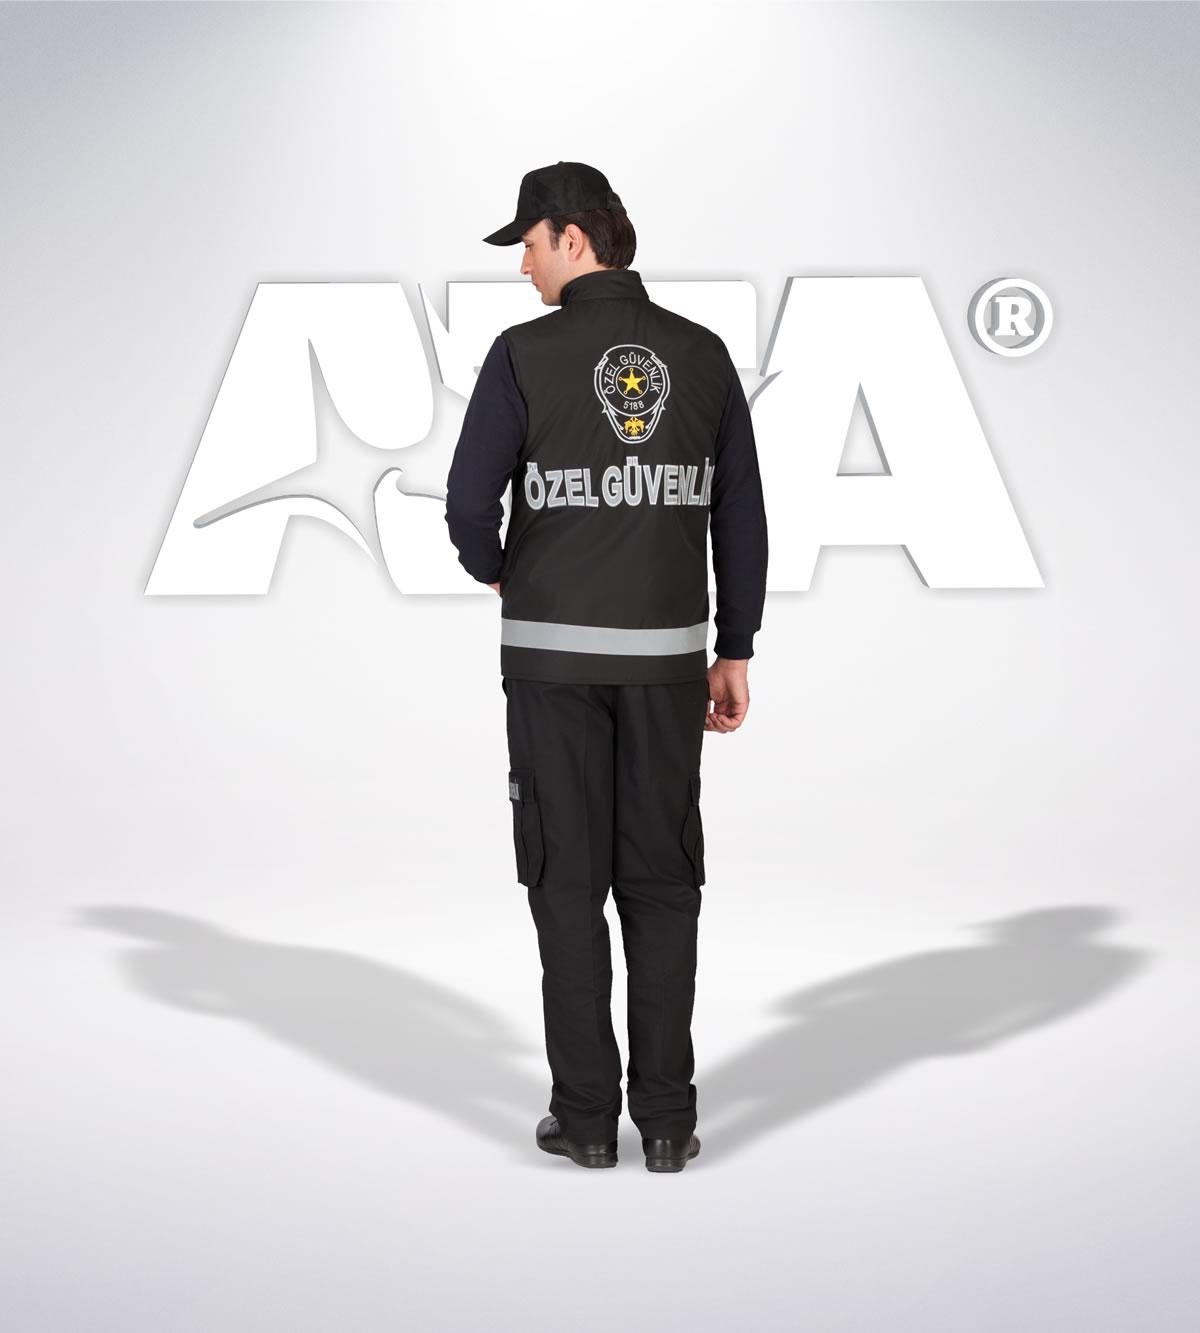 ATA 154 - Ribstop kumaş pantolon - reflektör yelek - aksesuar - güvenlik elbiseleri | güvenlik üniformaları | güvenlik kıyafetleri